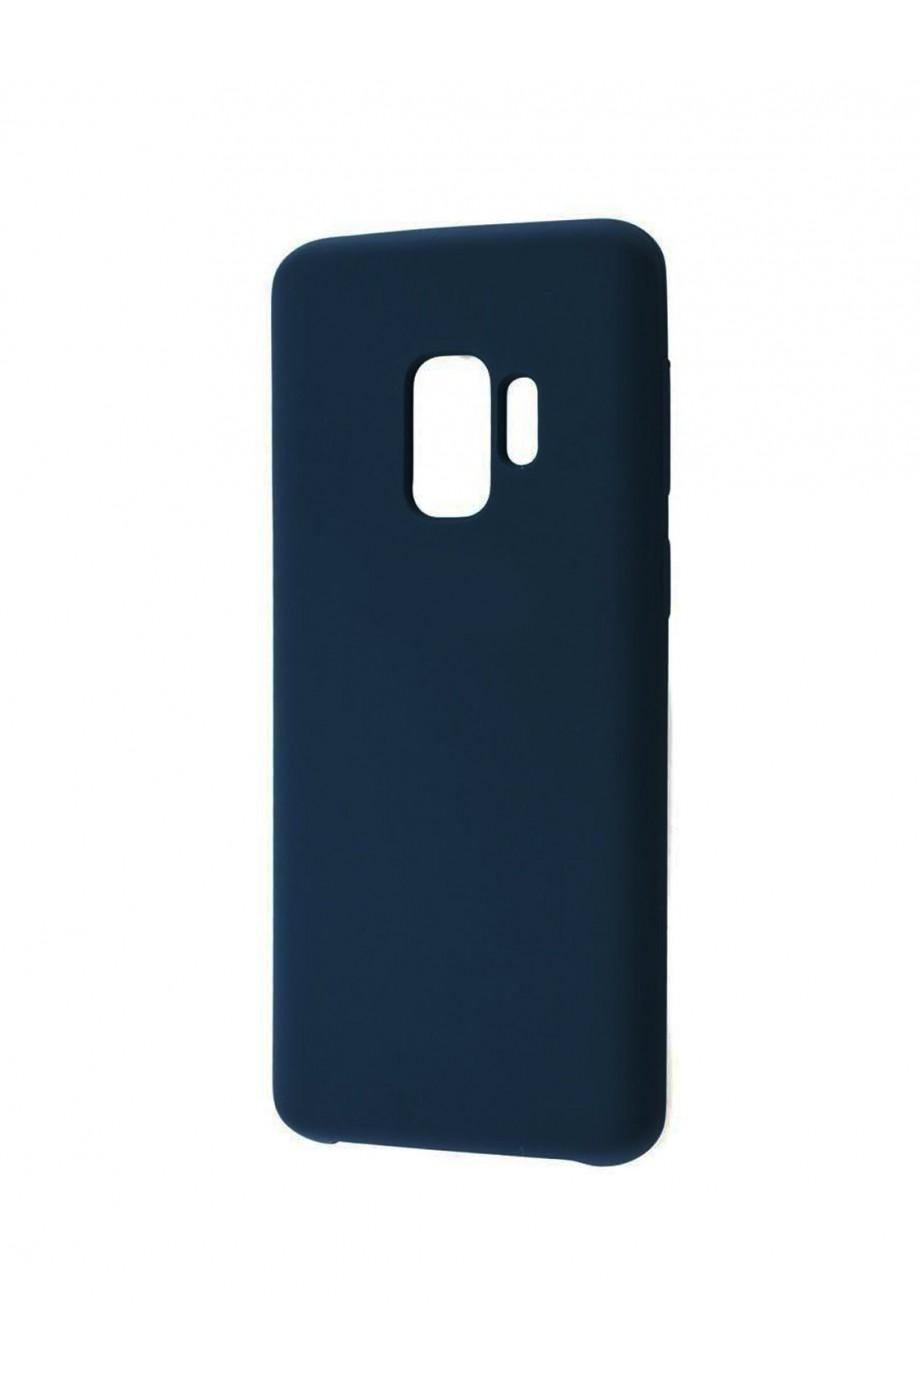 Чехол TPU для Samsung Galaxy S9, мягкая подложка, синий